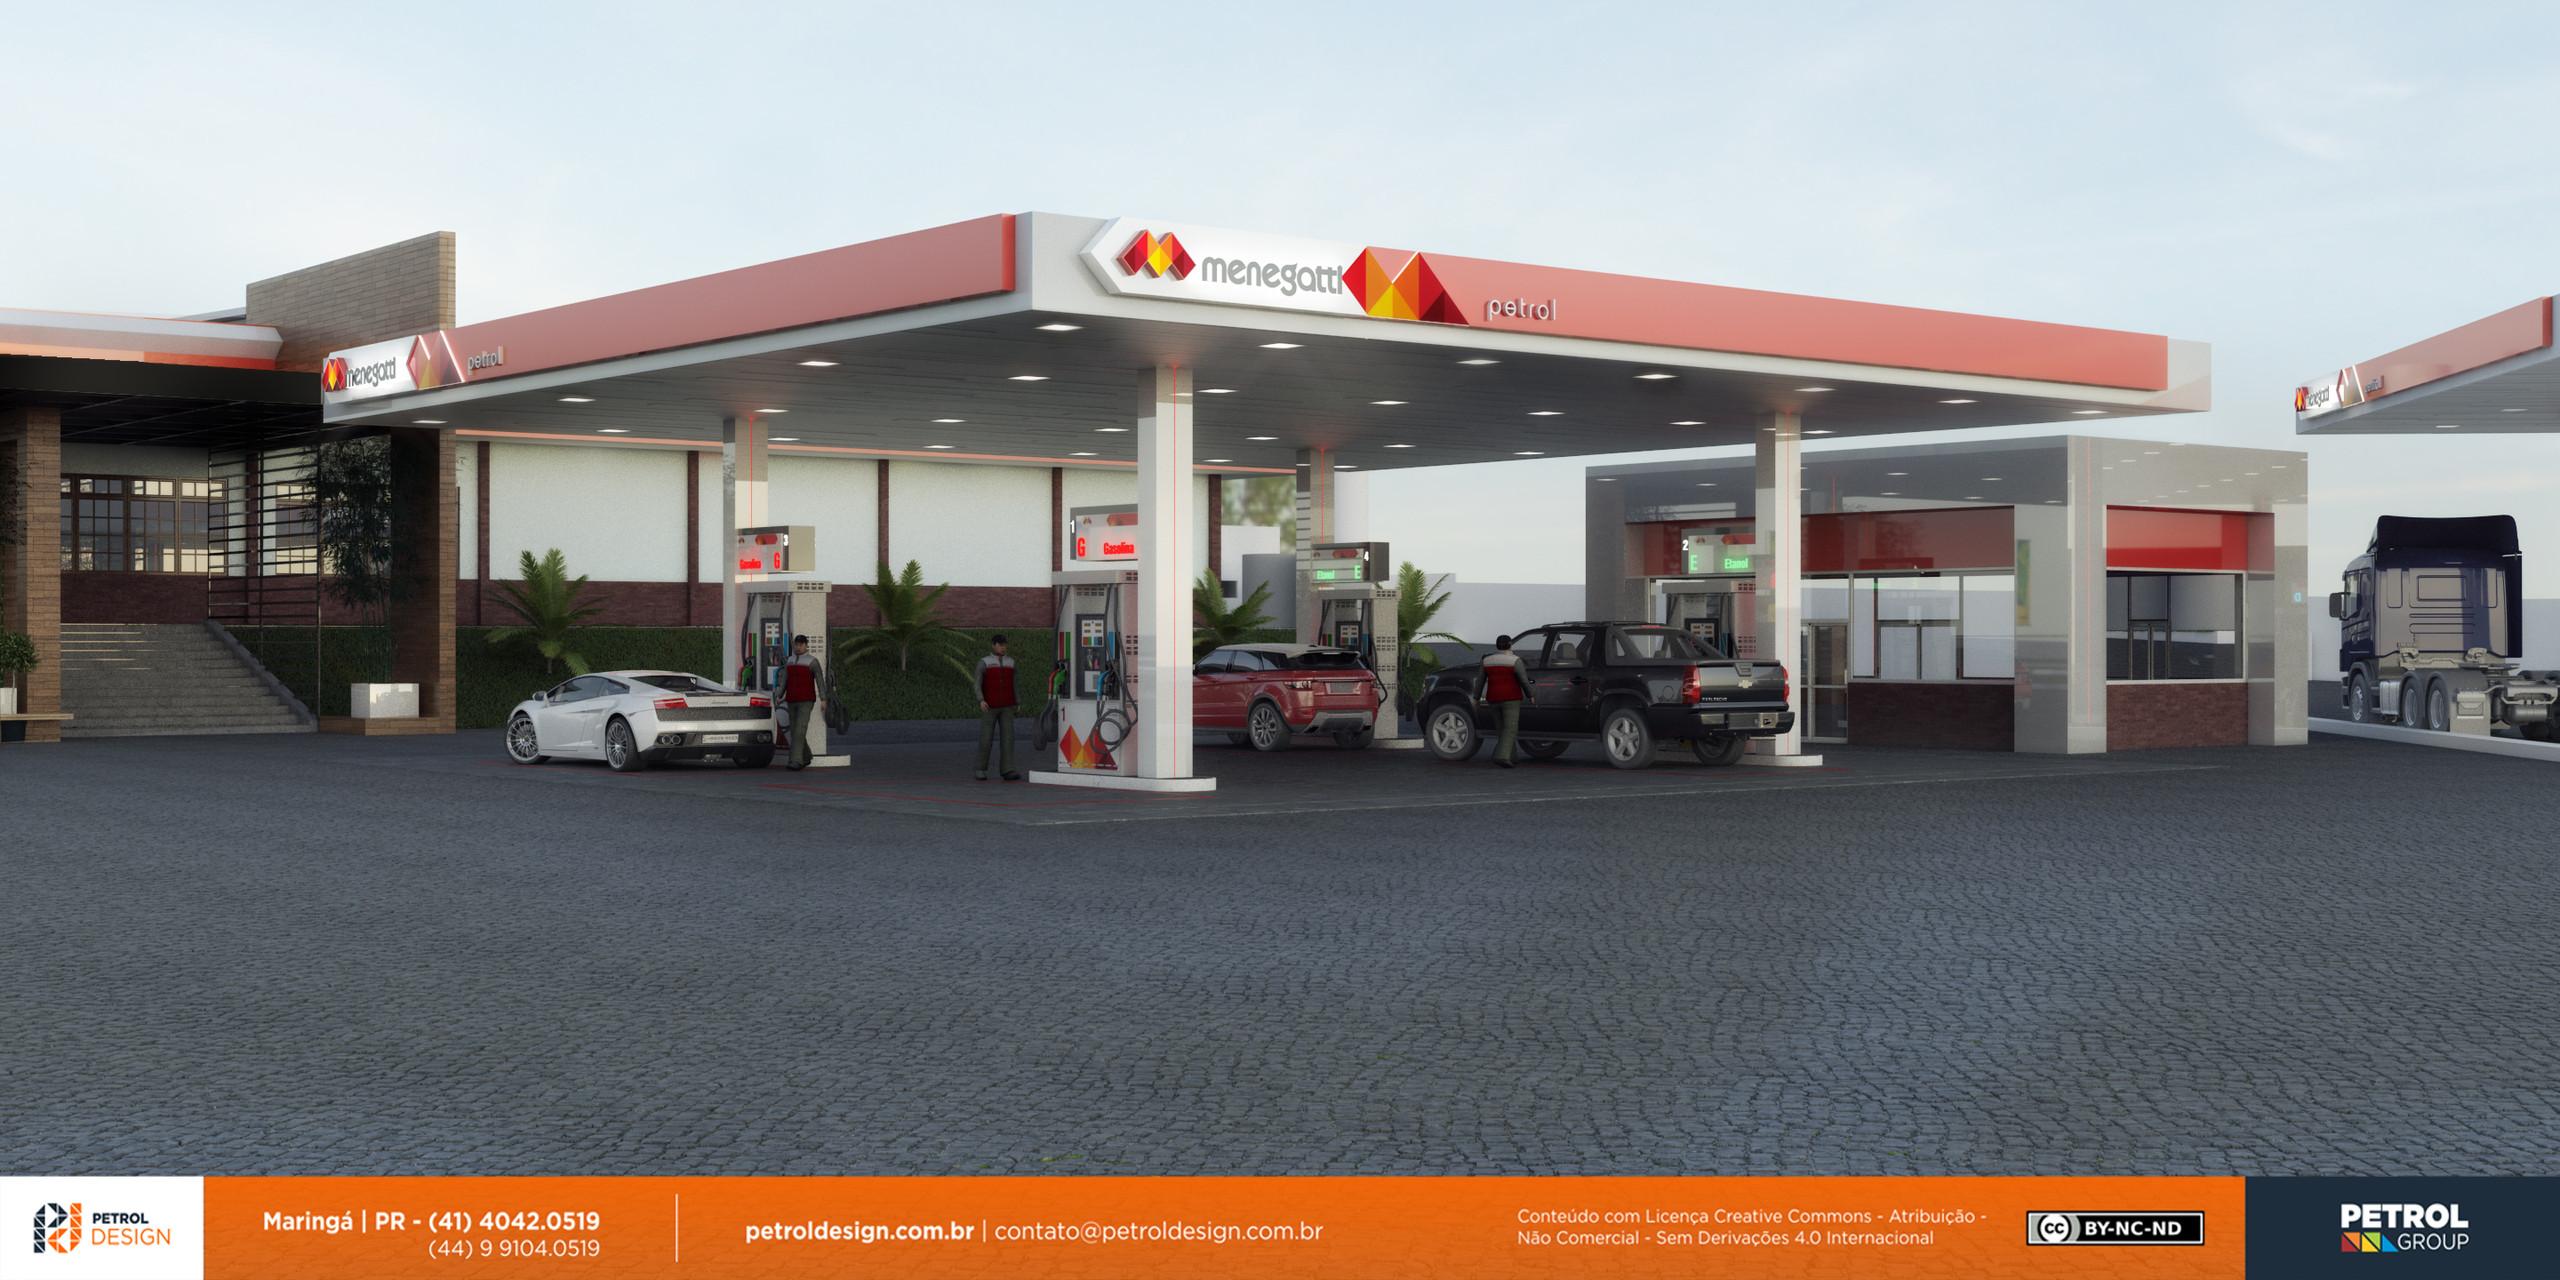 renovar aidentidade visual posto de combustivel Trindade GO